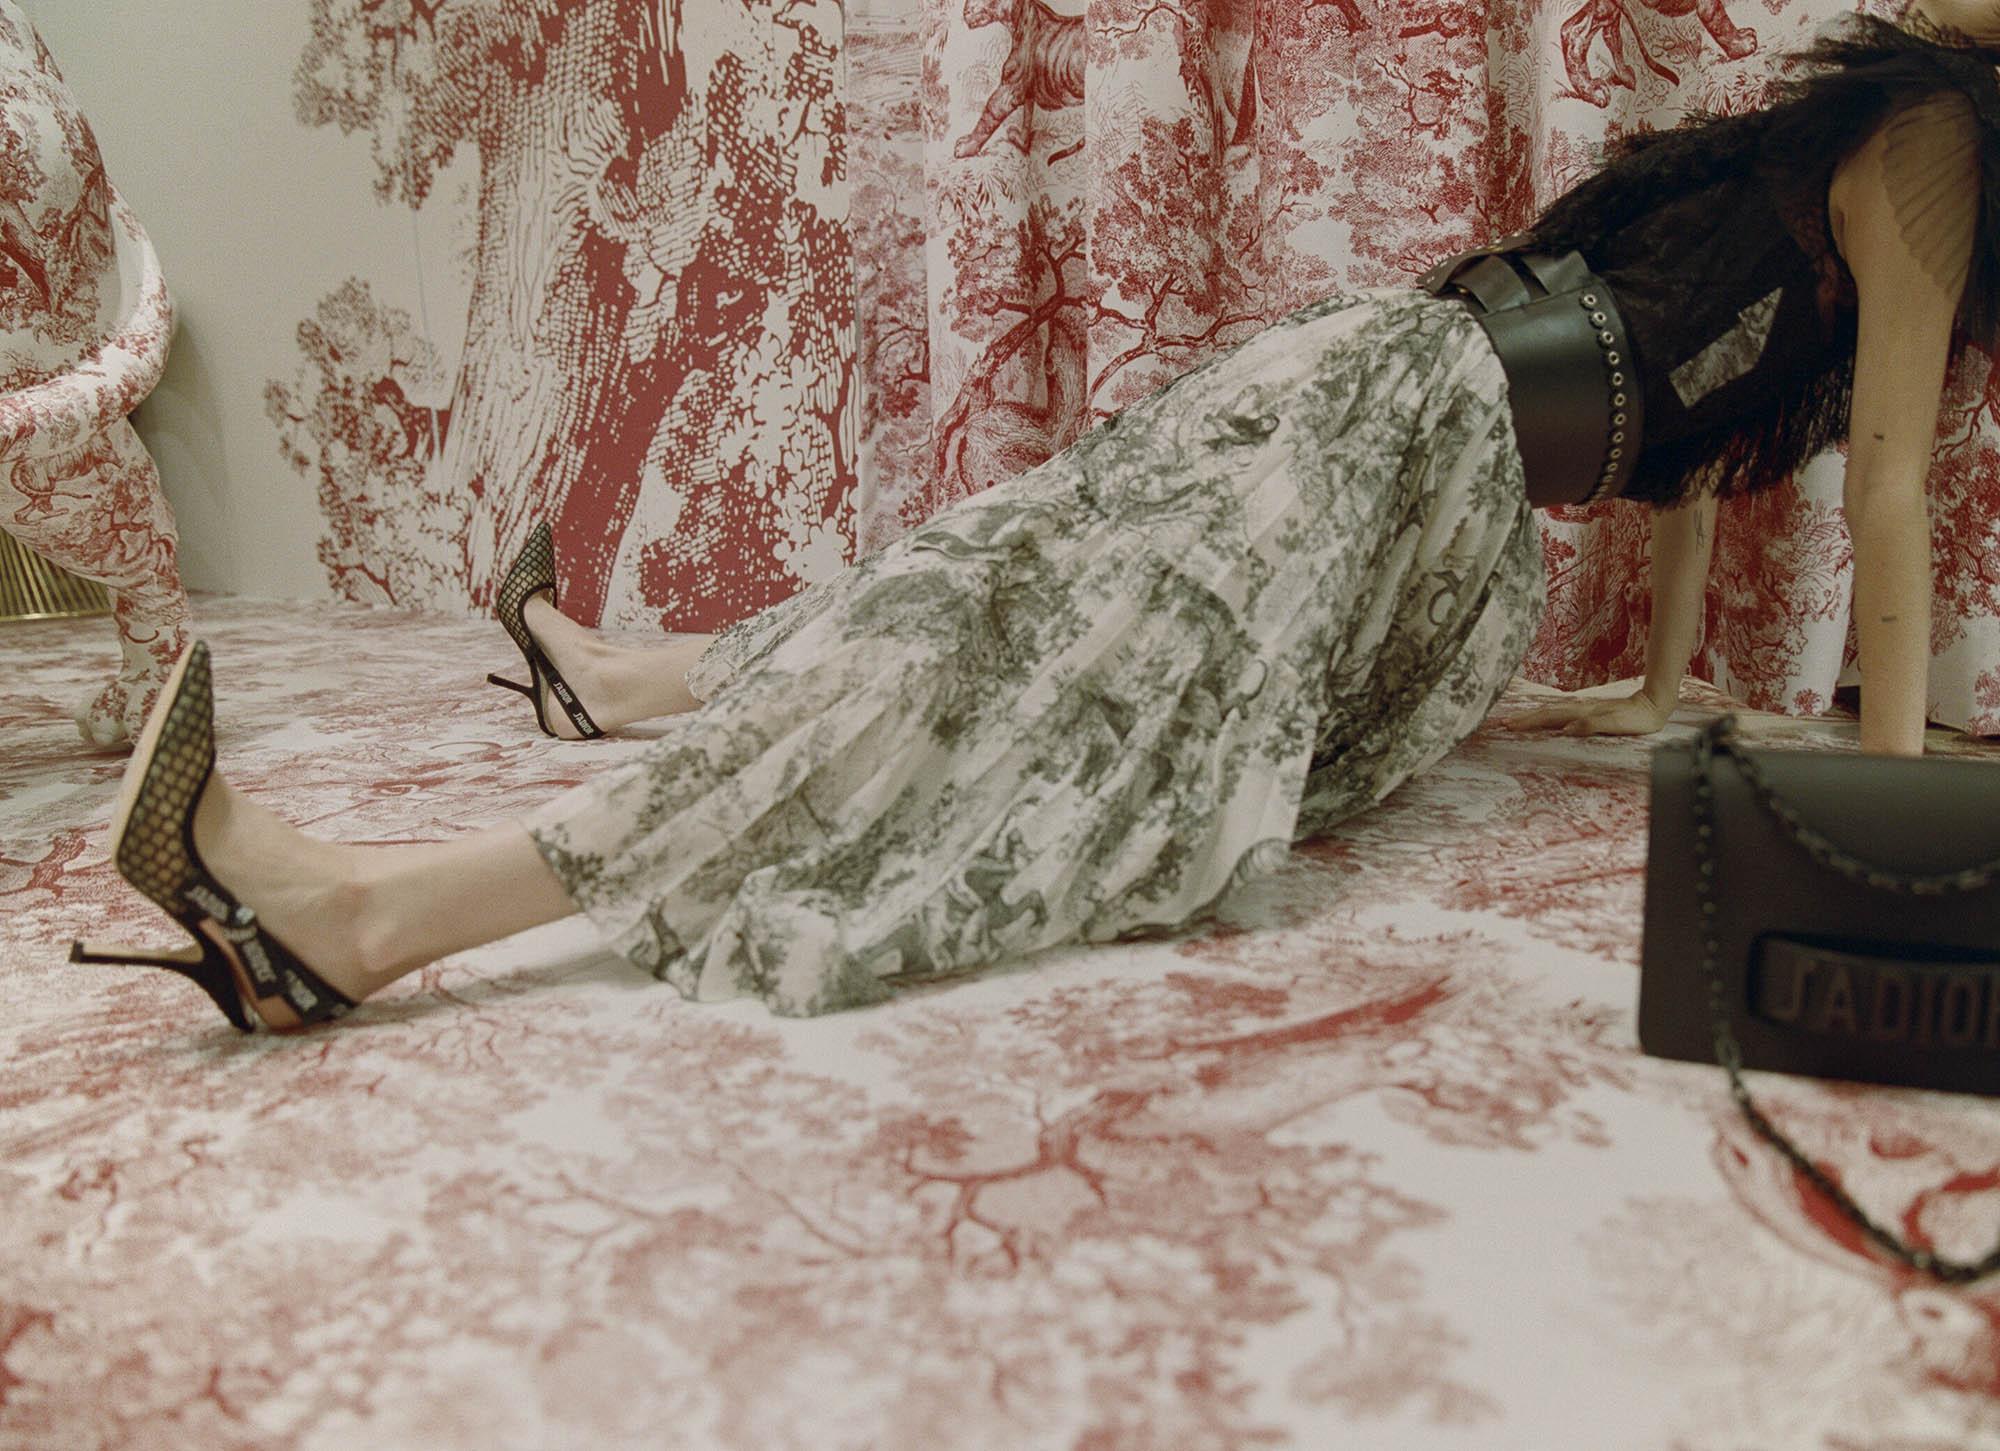 DAPHNENGUYEN-Dior x Matilda final-181214000246290028.jpg